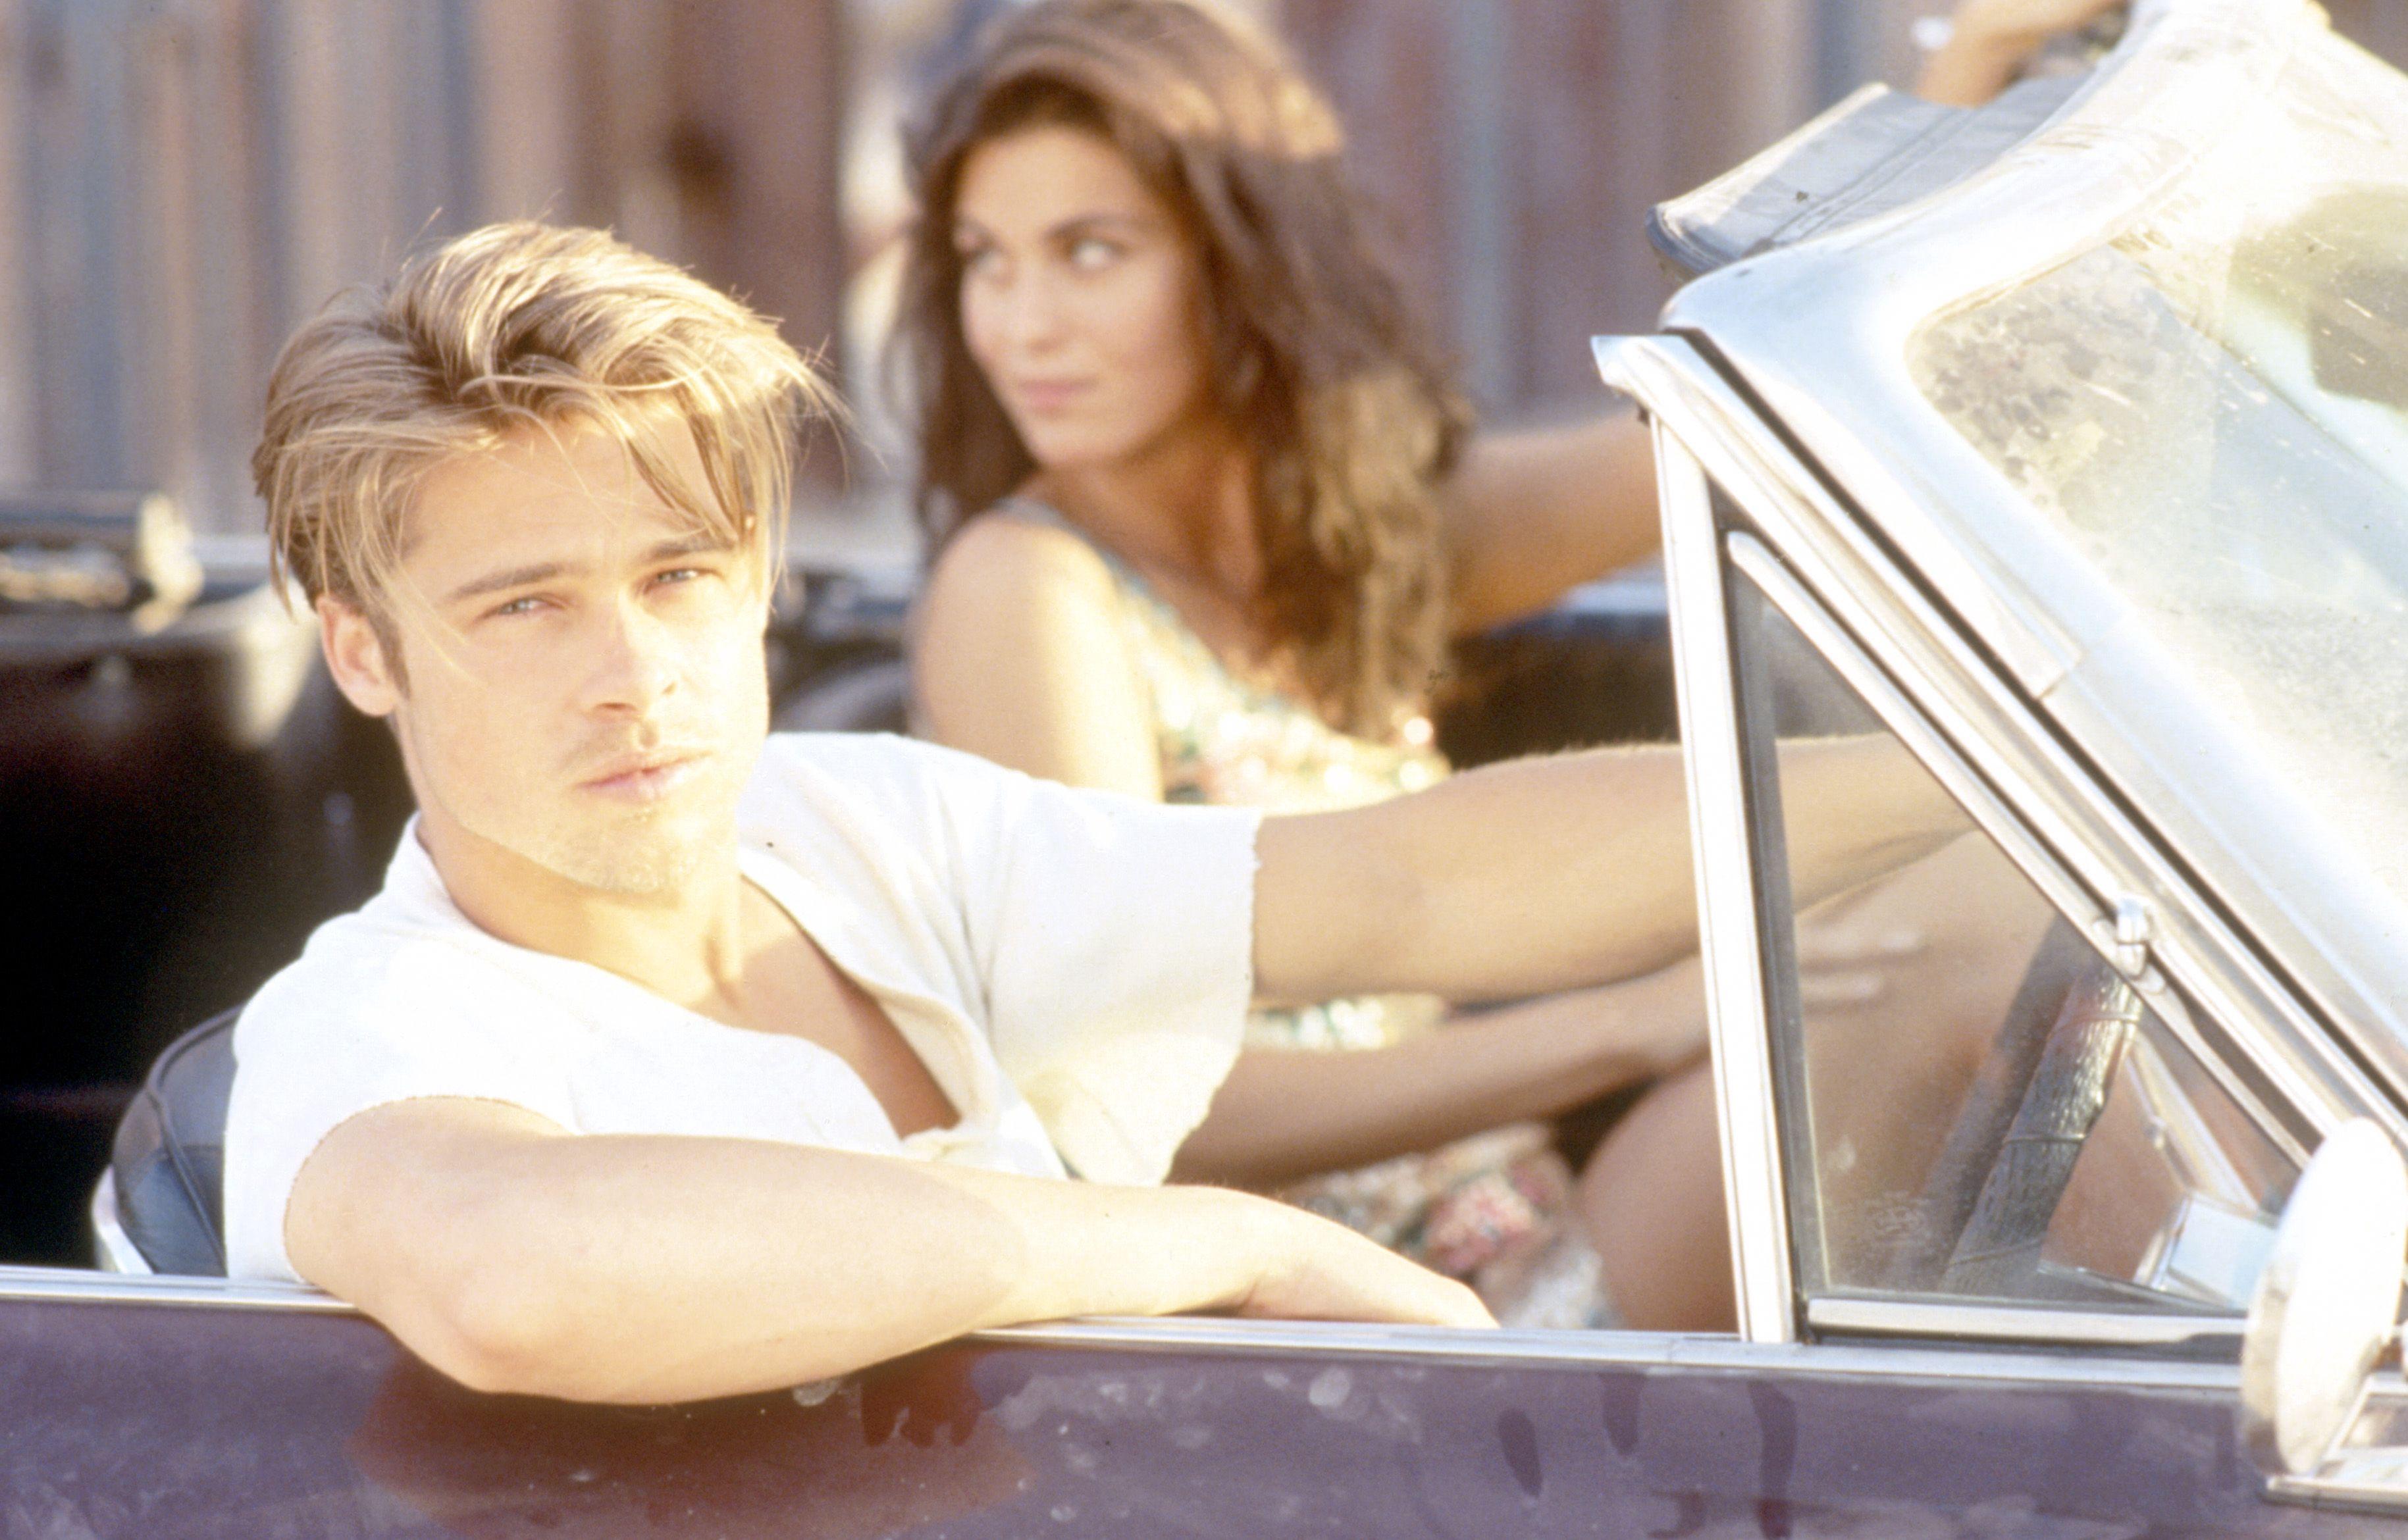 Aktör Brad Pitt, 1990'ların başında modelleme günlerinde.  © Iain McKell / R